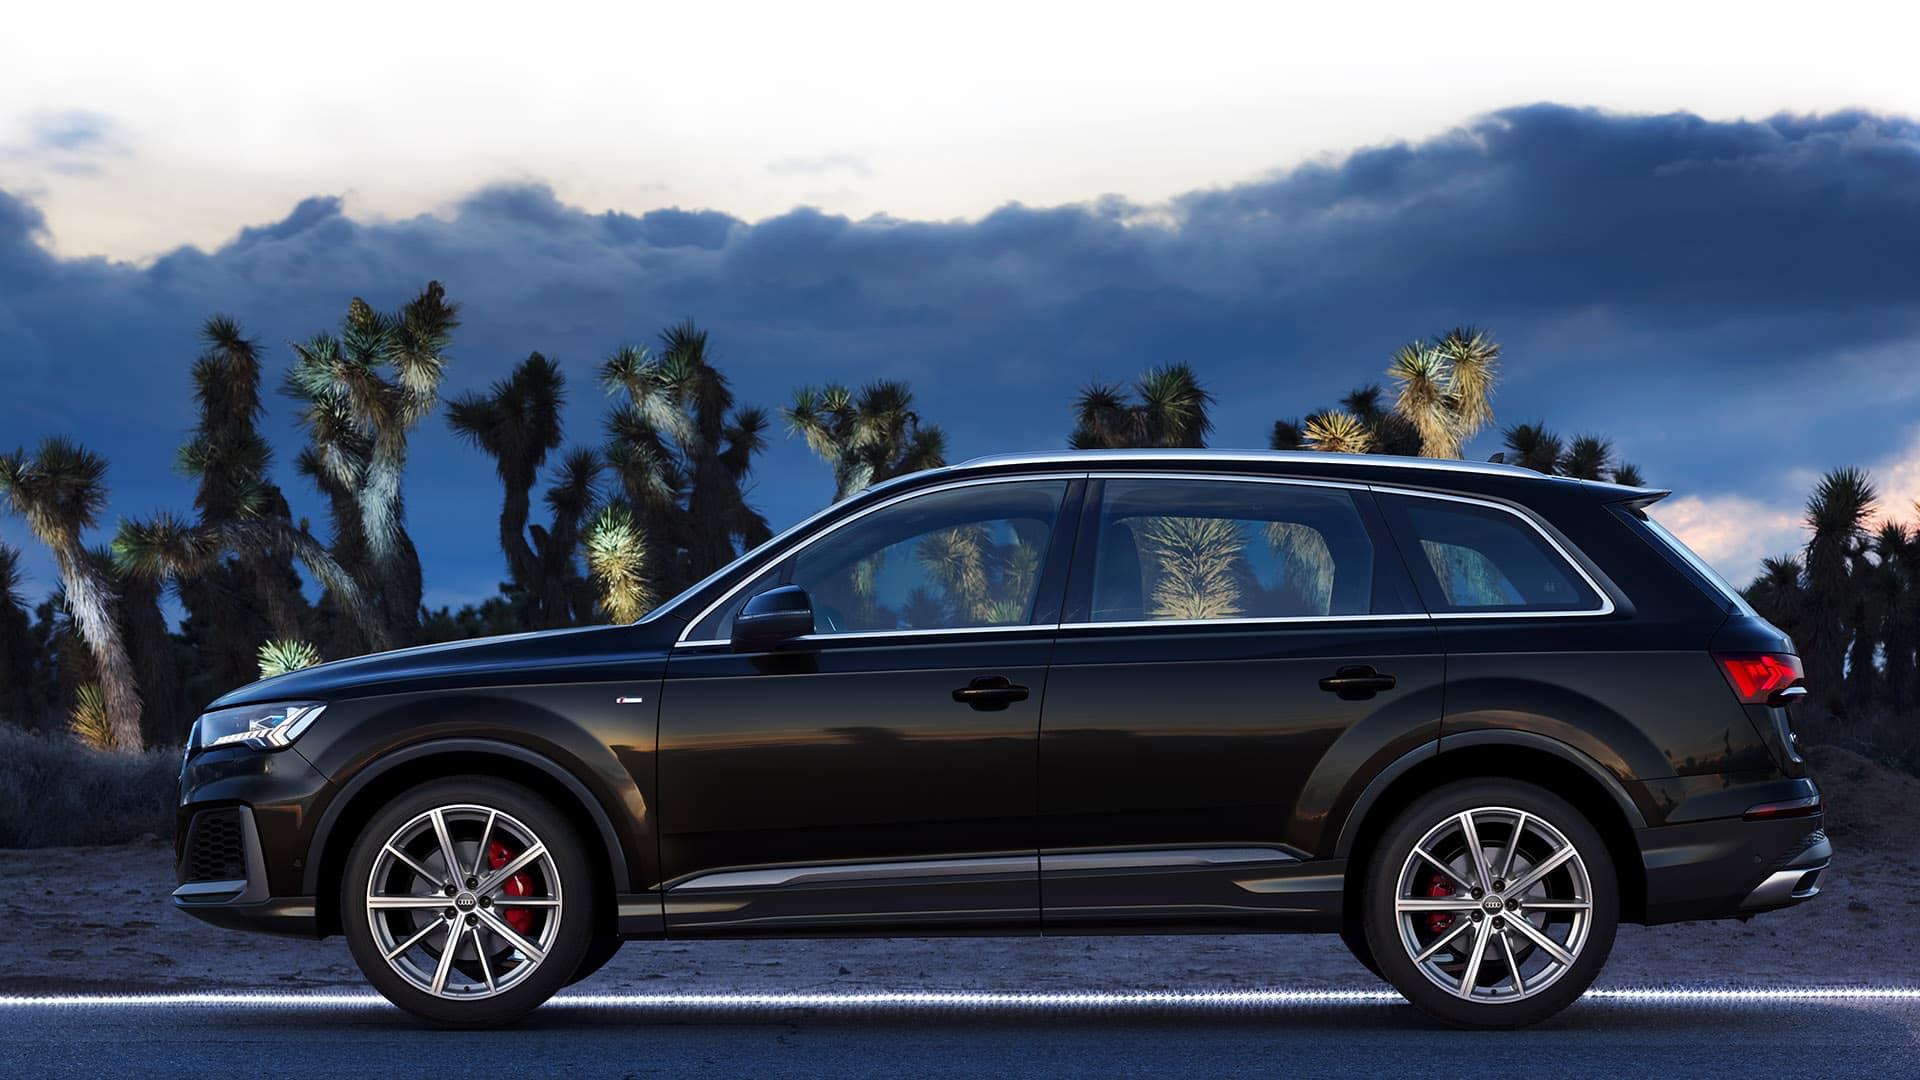 Side view Audi Q7